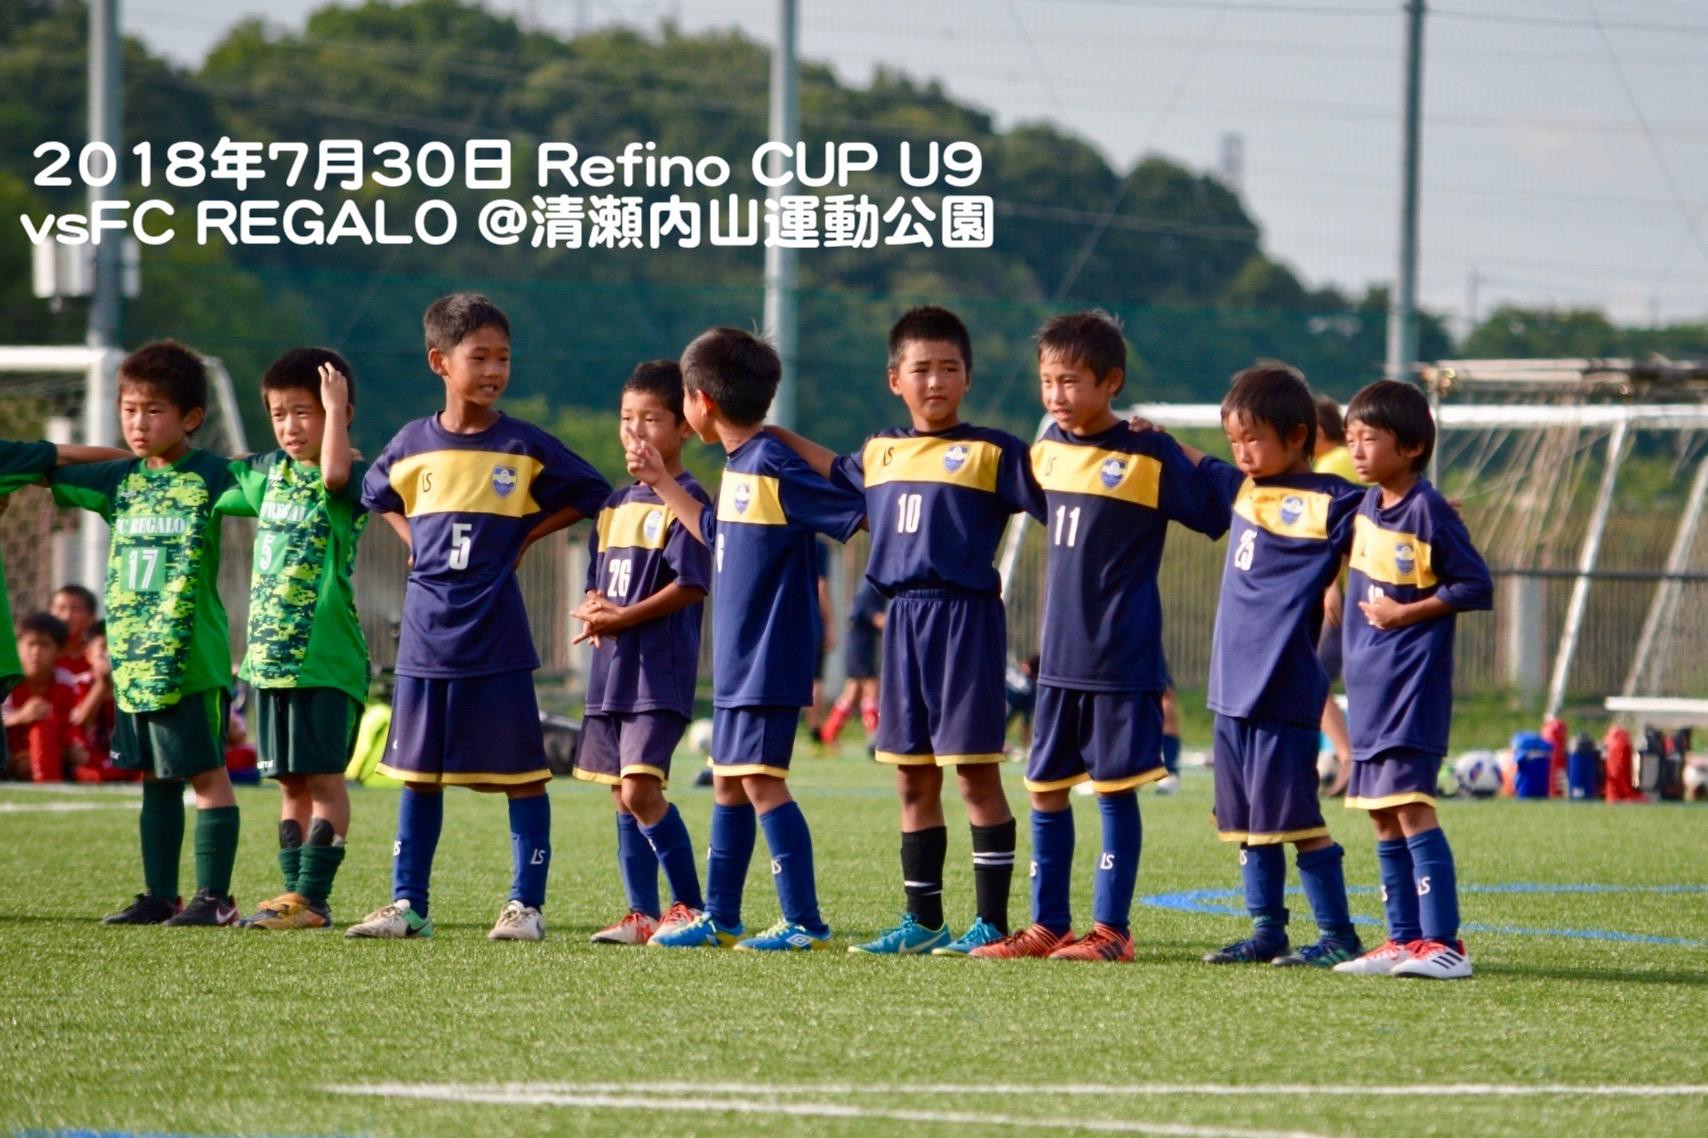 180730 U9 Refino Cup 2